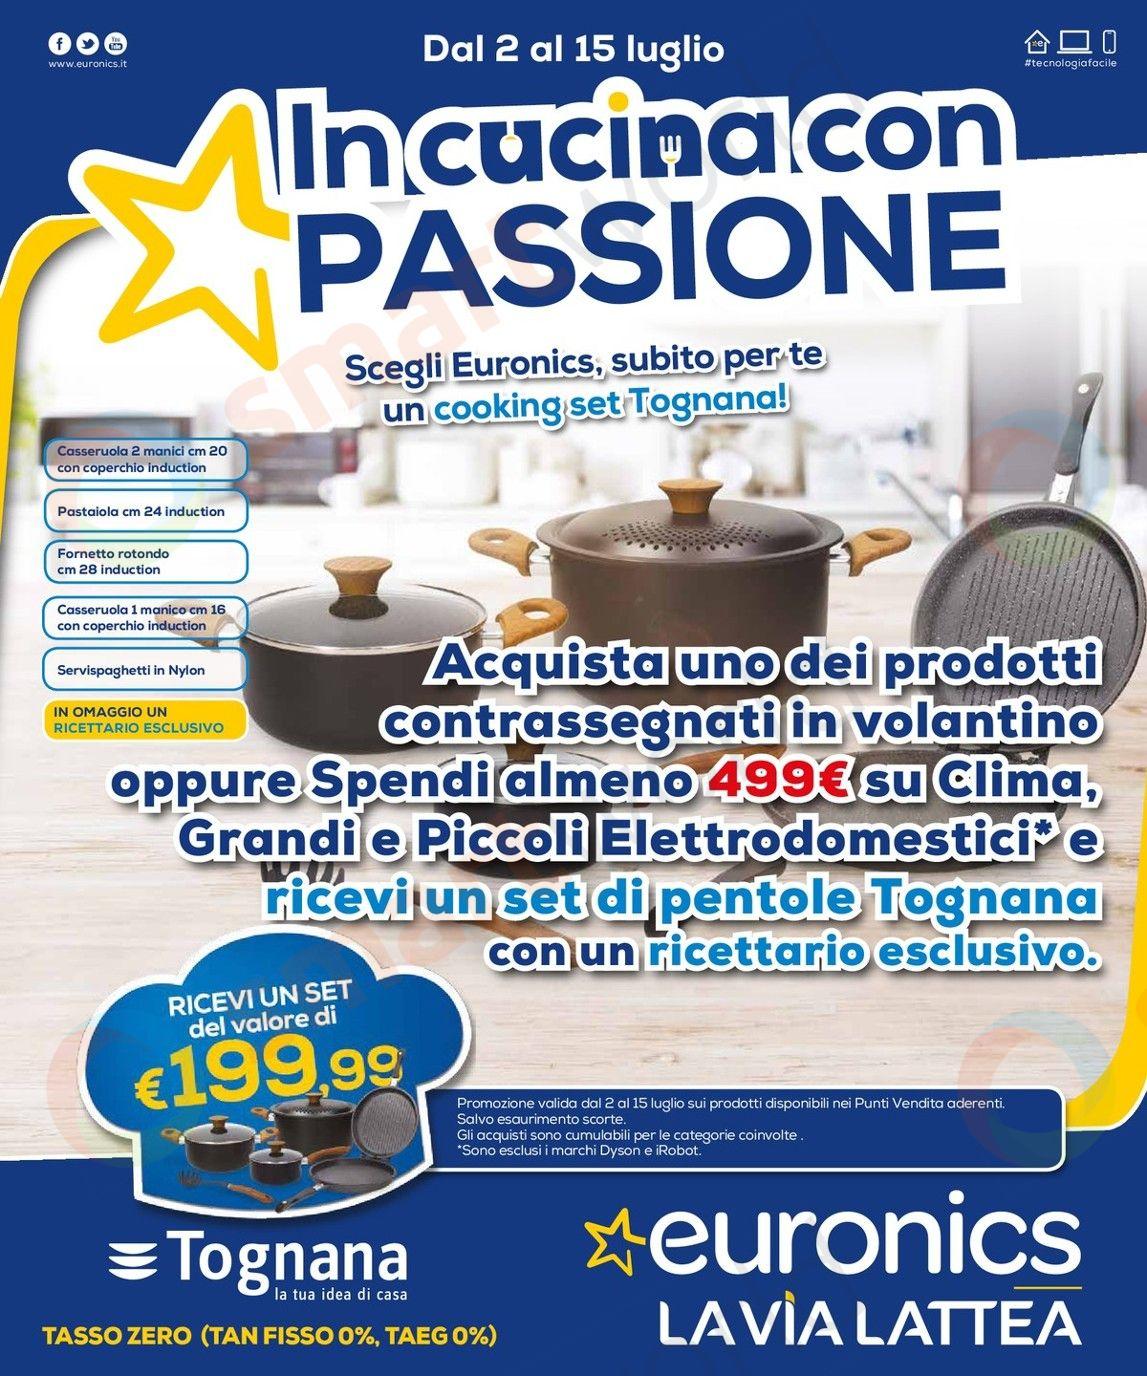 Volantino Euronics In Cucina con Passione – La Via Lattea (1)